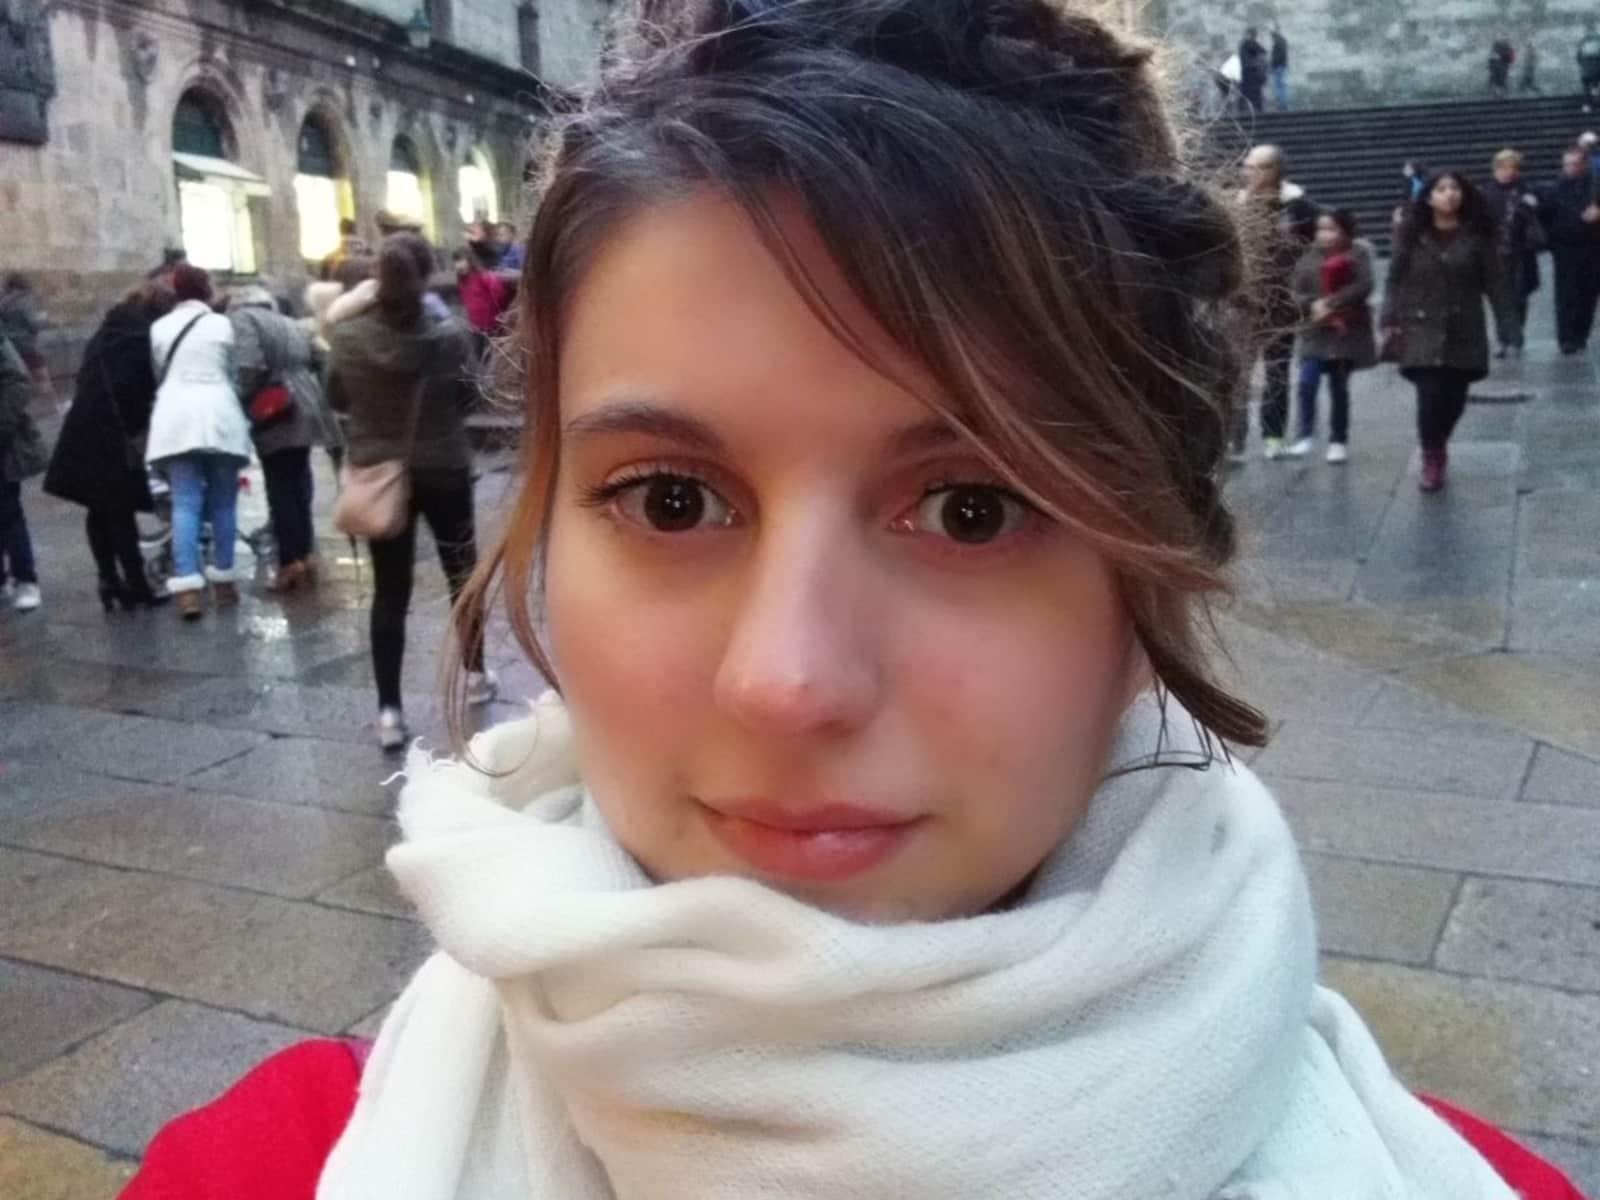 Robyn from Birmingham, United Kingdom